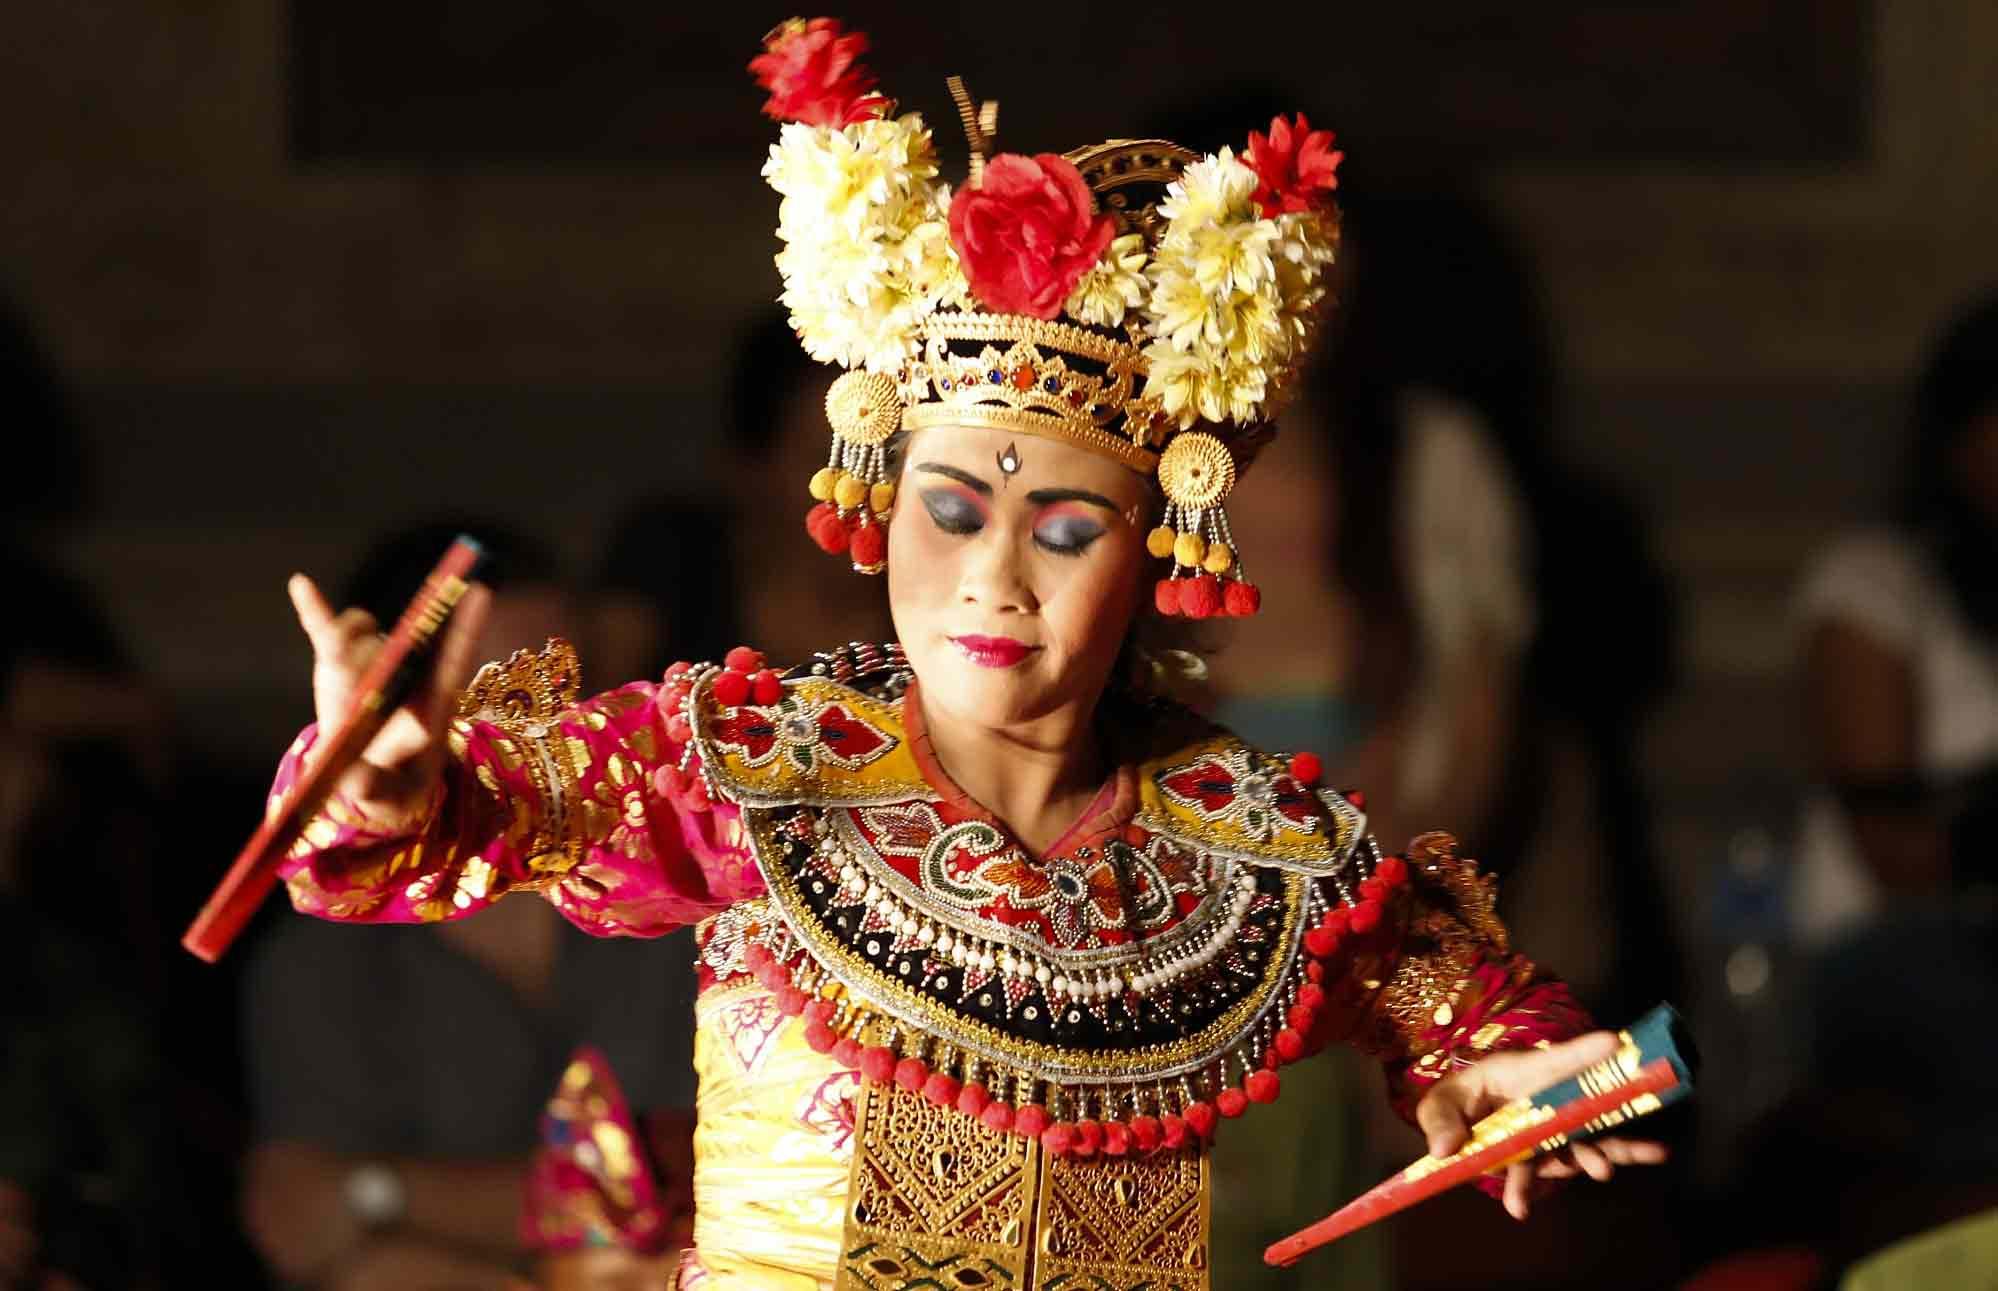 danse traditionnelle legong Bali en Indonésie par Amplitudes voyage